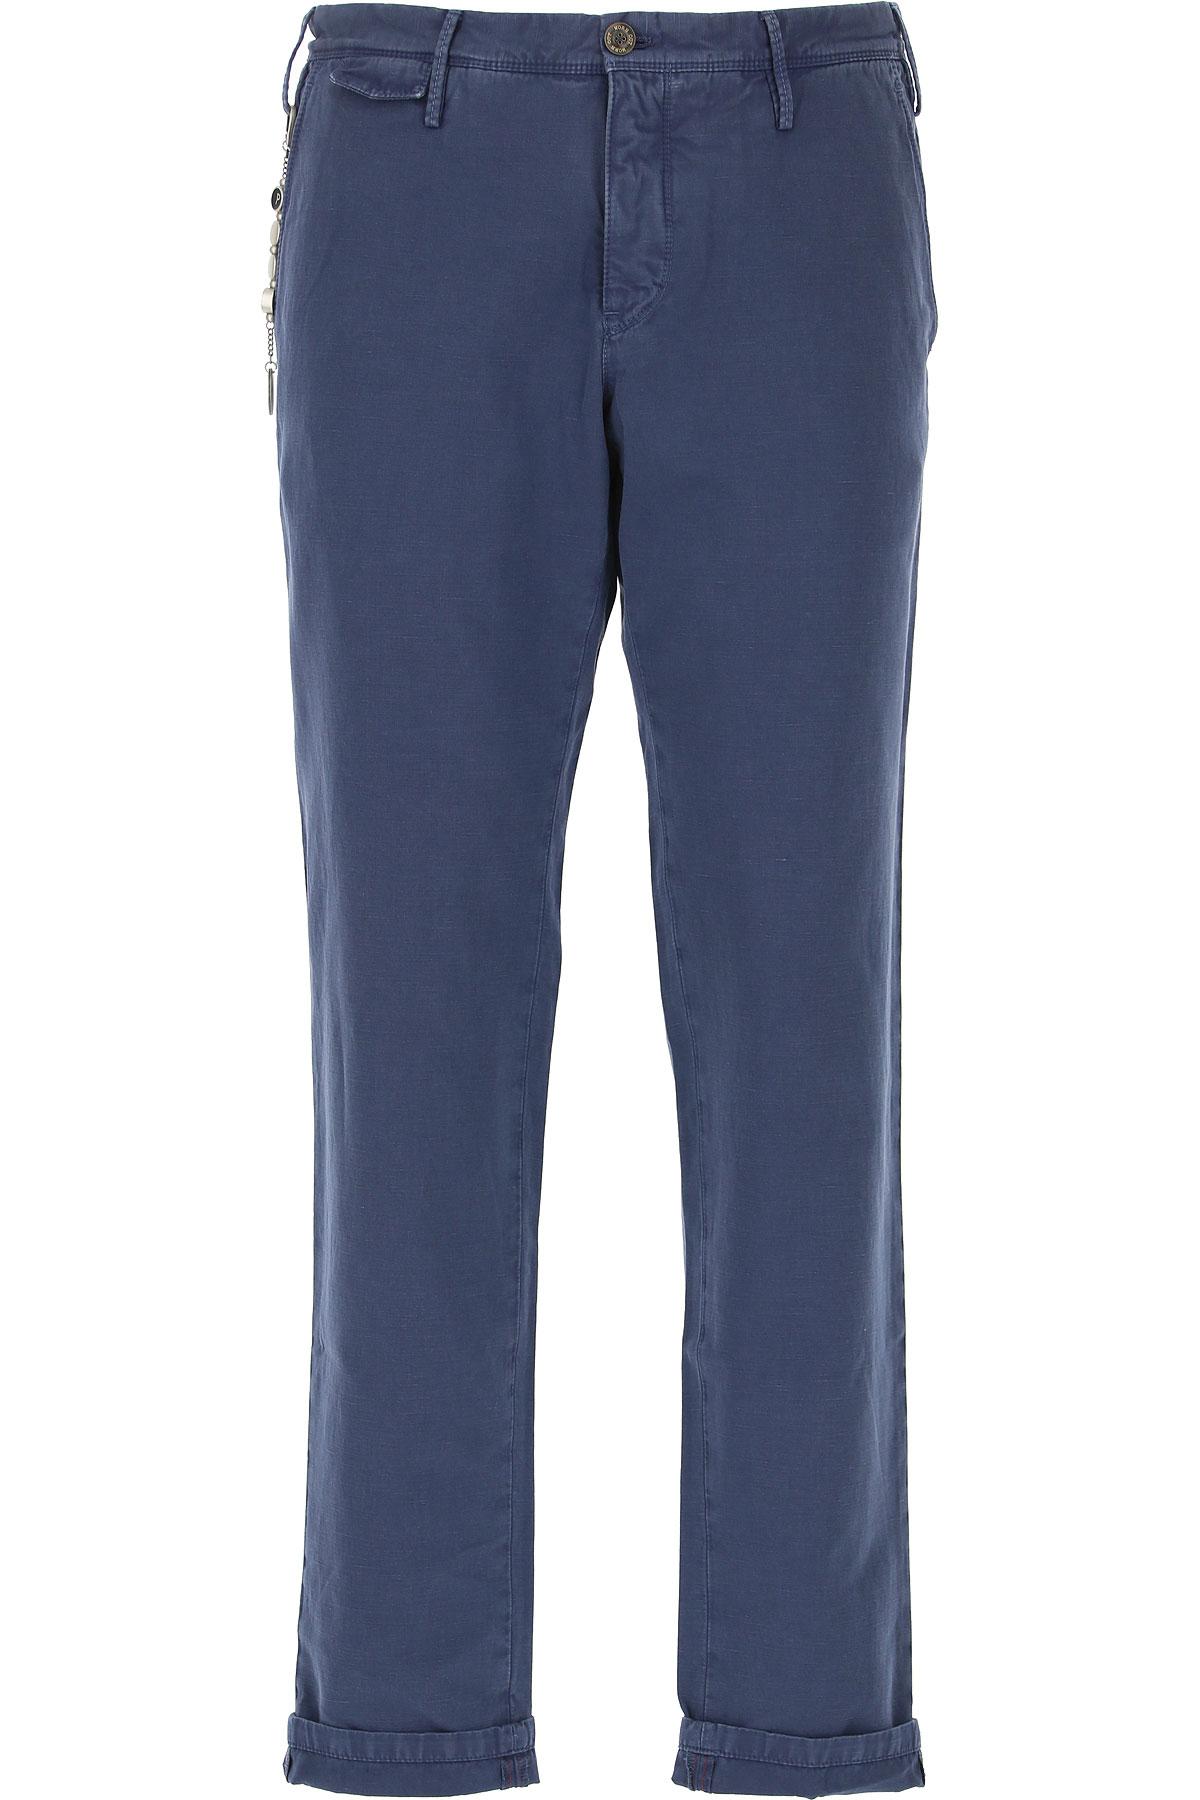 PT01 Pants for Men, Bluette, Cotton, 2019, 31 32 33